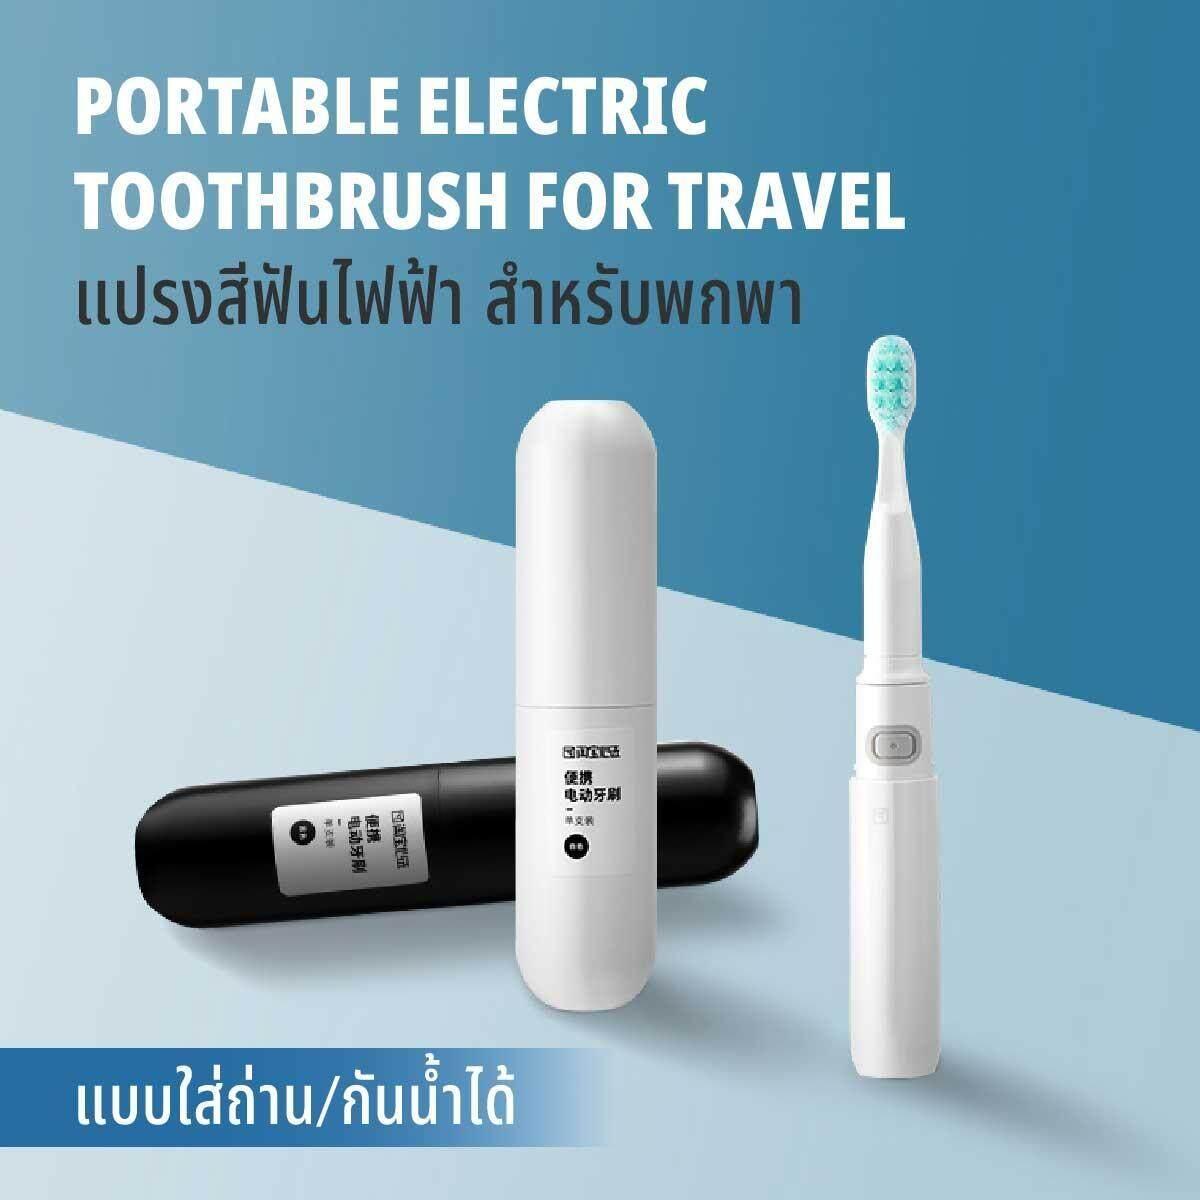 แปรงสีฟันไฟฟ้า ช่วยดูแลสุขภาพช่องปาก ราชบุรี แปรงสีฟัน แปรงสีฟันไฟฟ้าขนาดพกพา Star Buzz Portable Electronic Toothbrush ขนแปรงนุ่มแปรงได้สะอาด